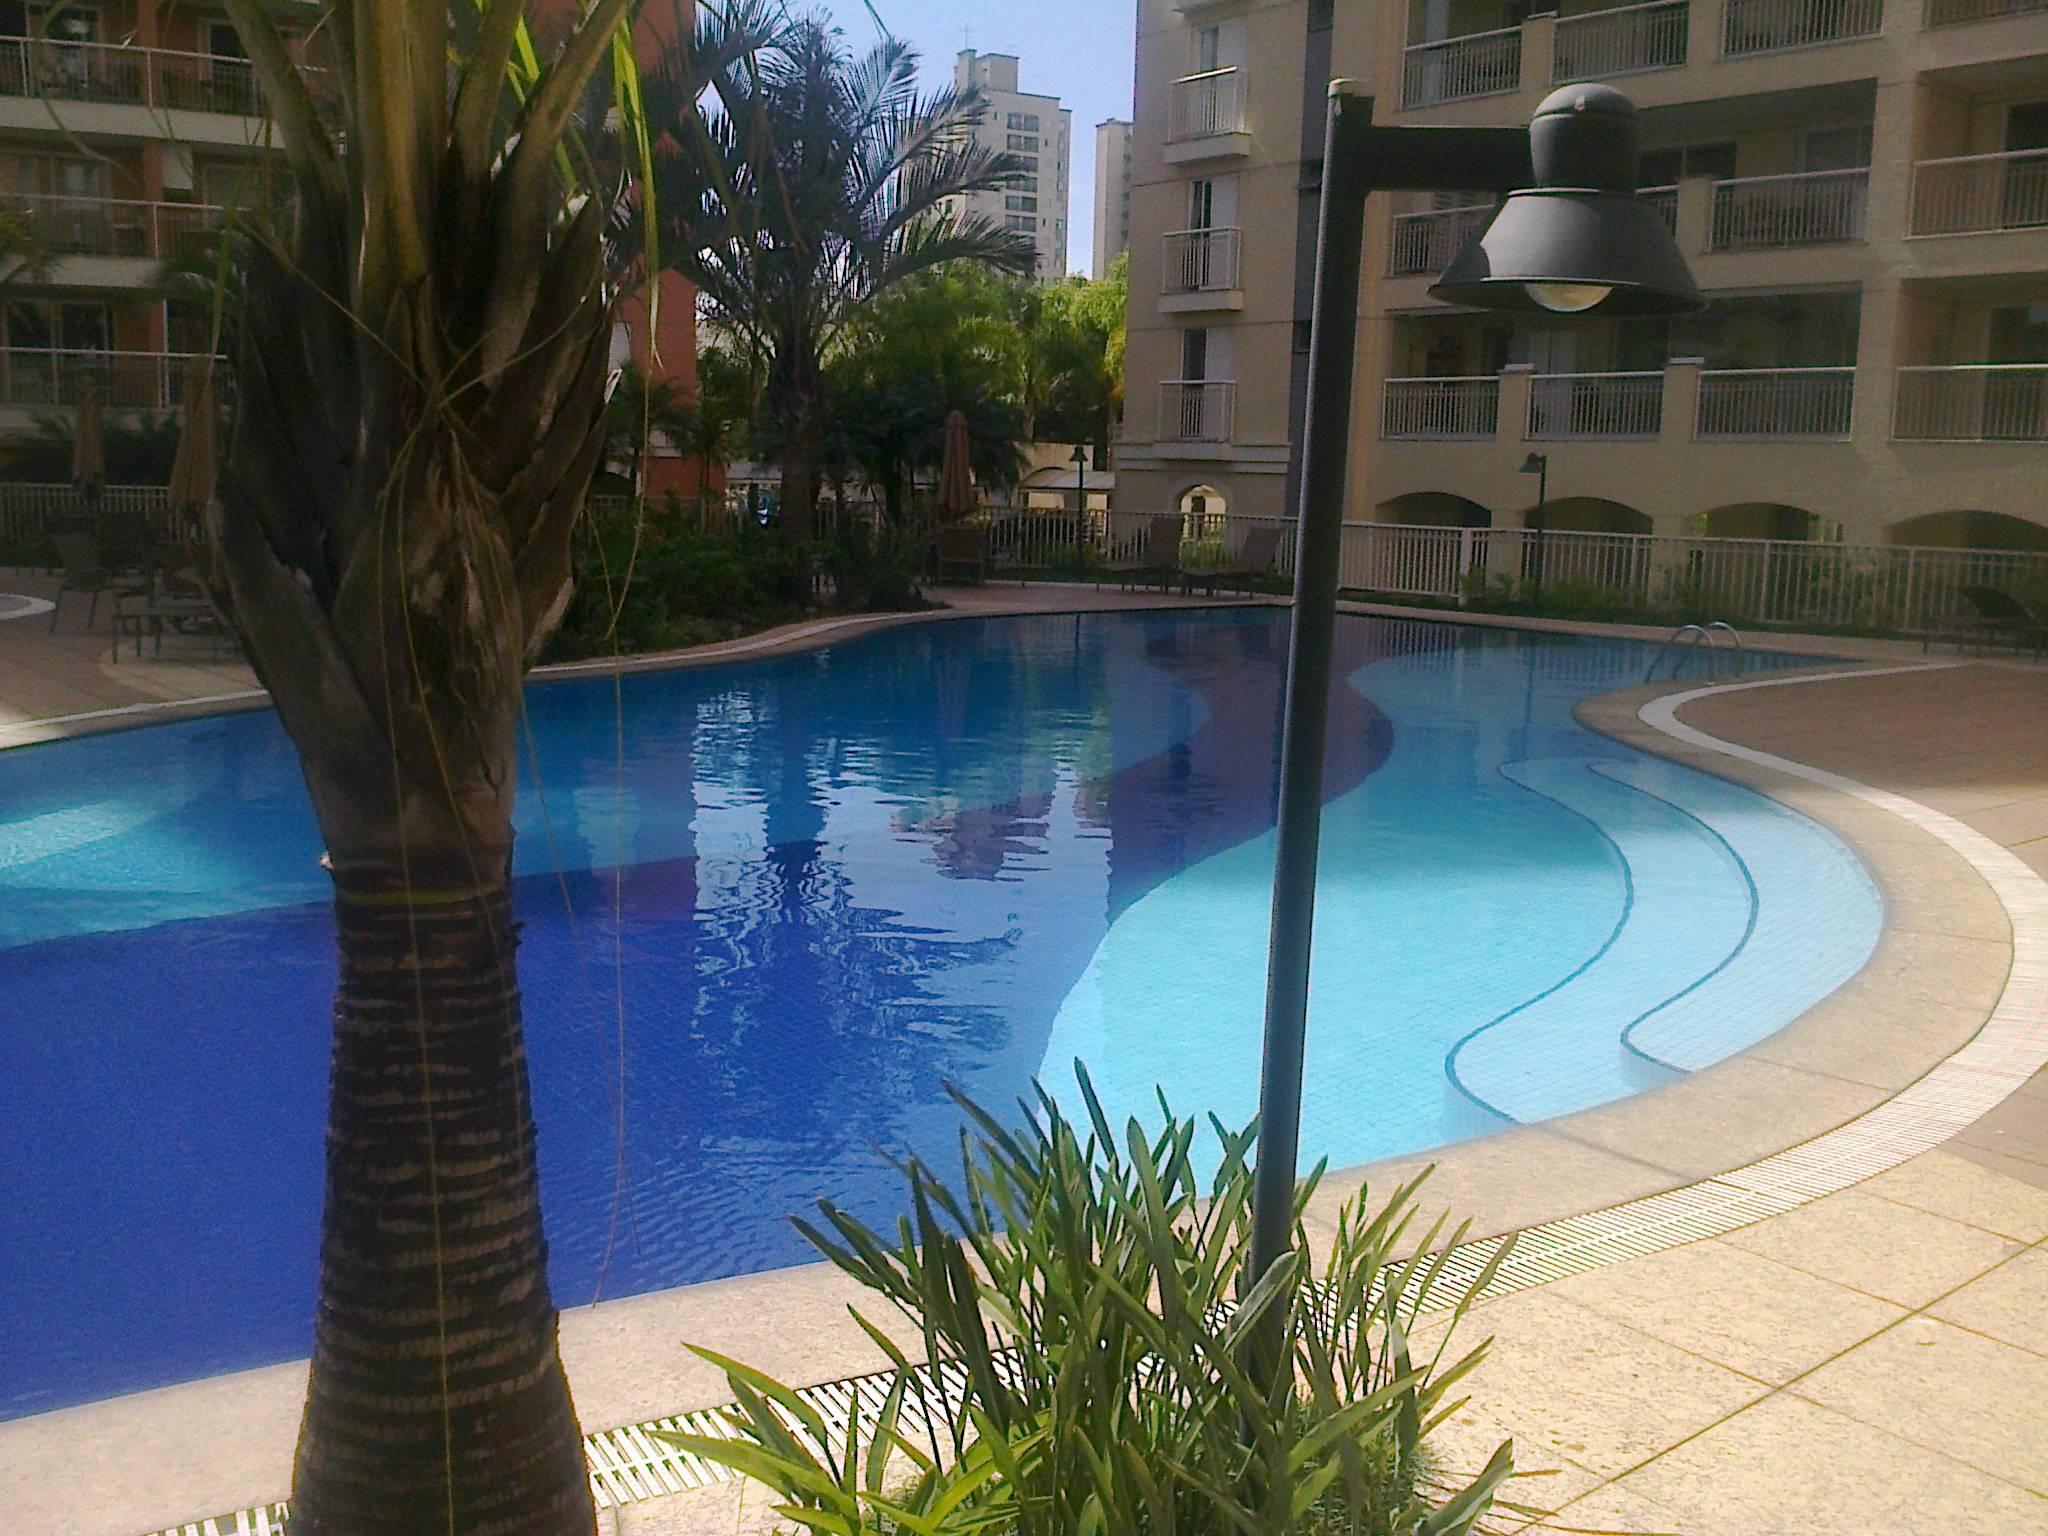 Onde Fazer Curso de Limpeza de Piscina no Jardim Vila Mariana - Curso para Limpeza de Piscina